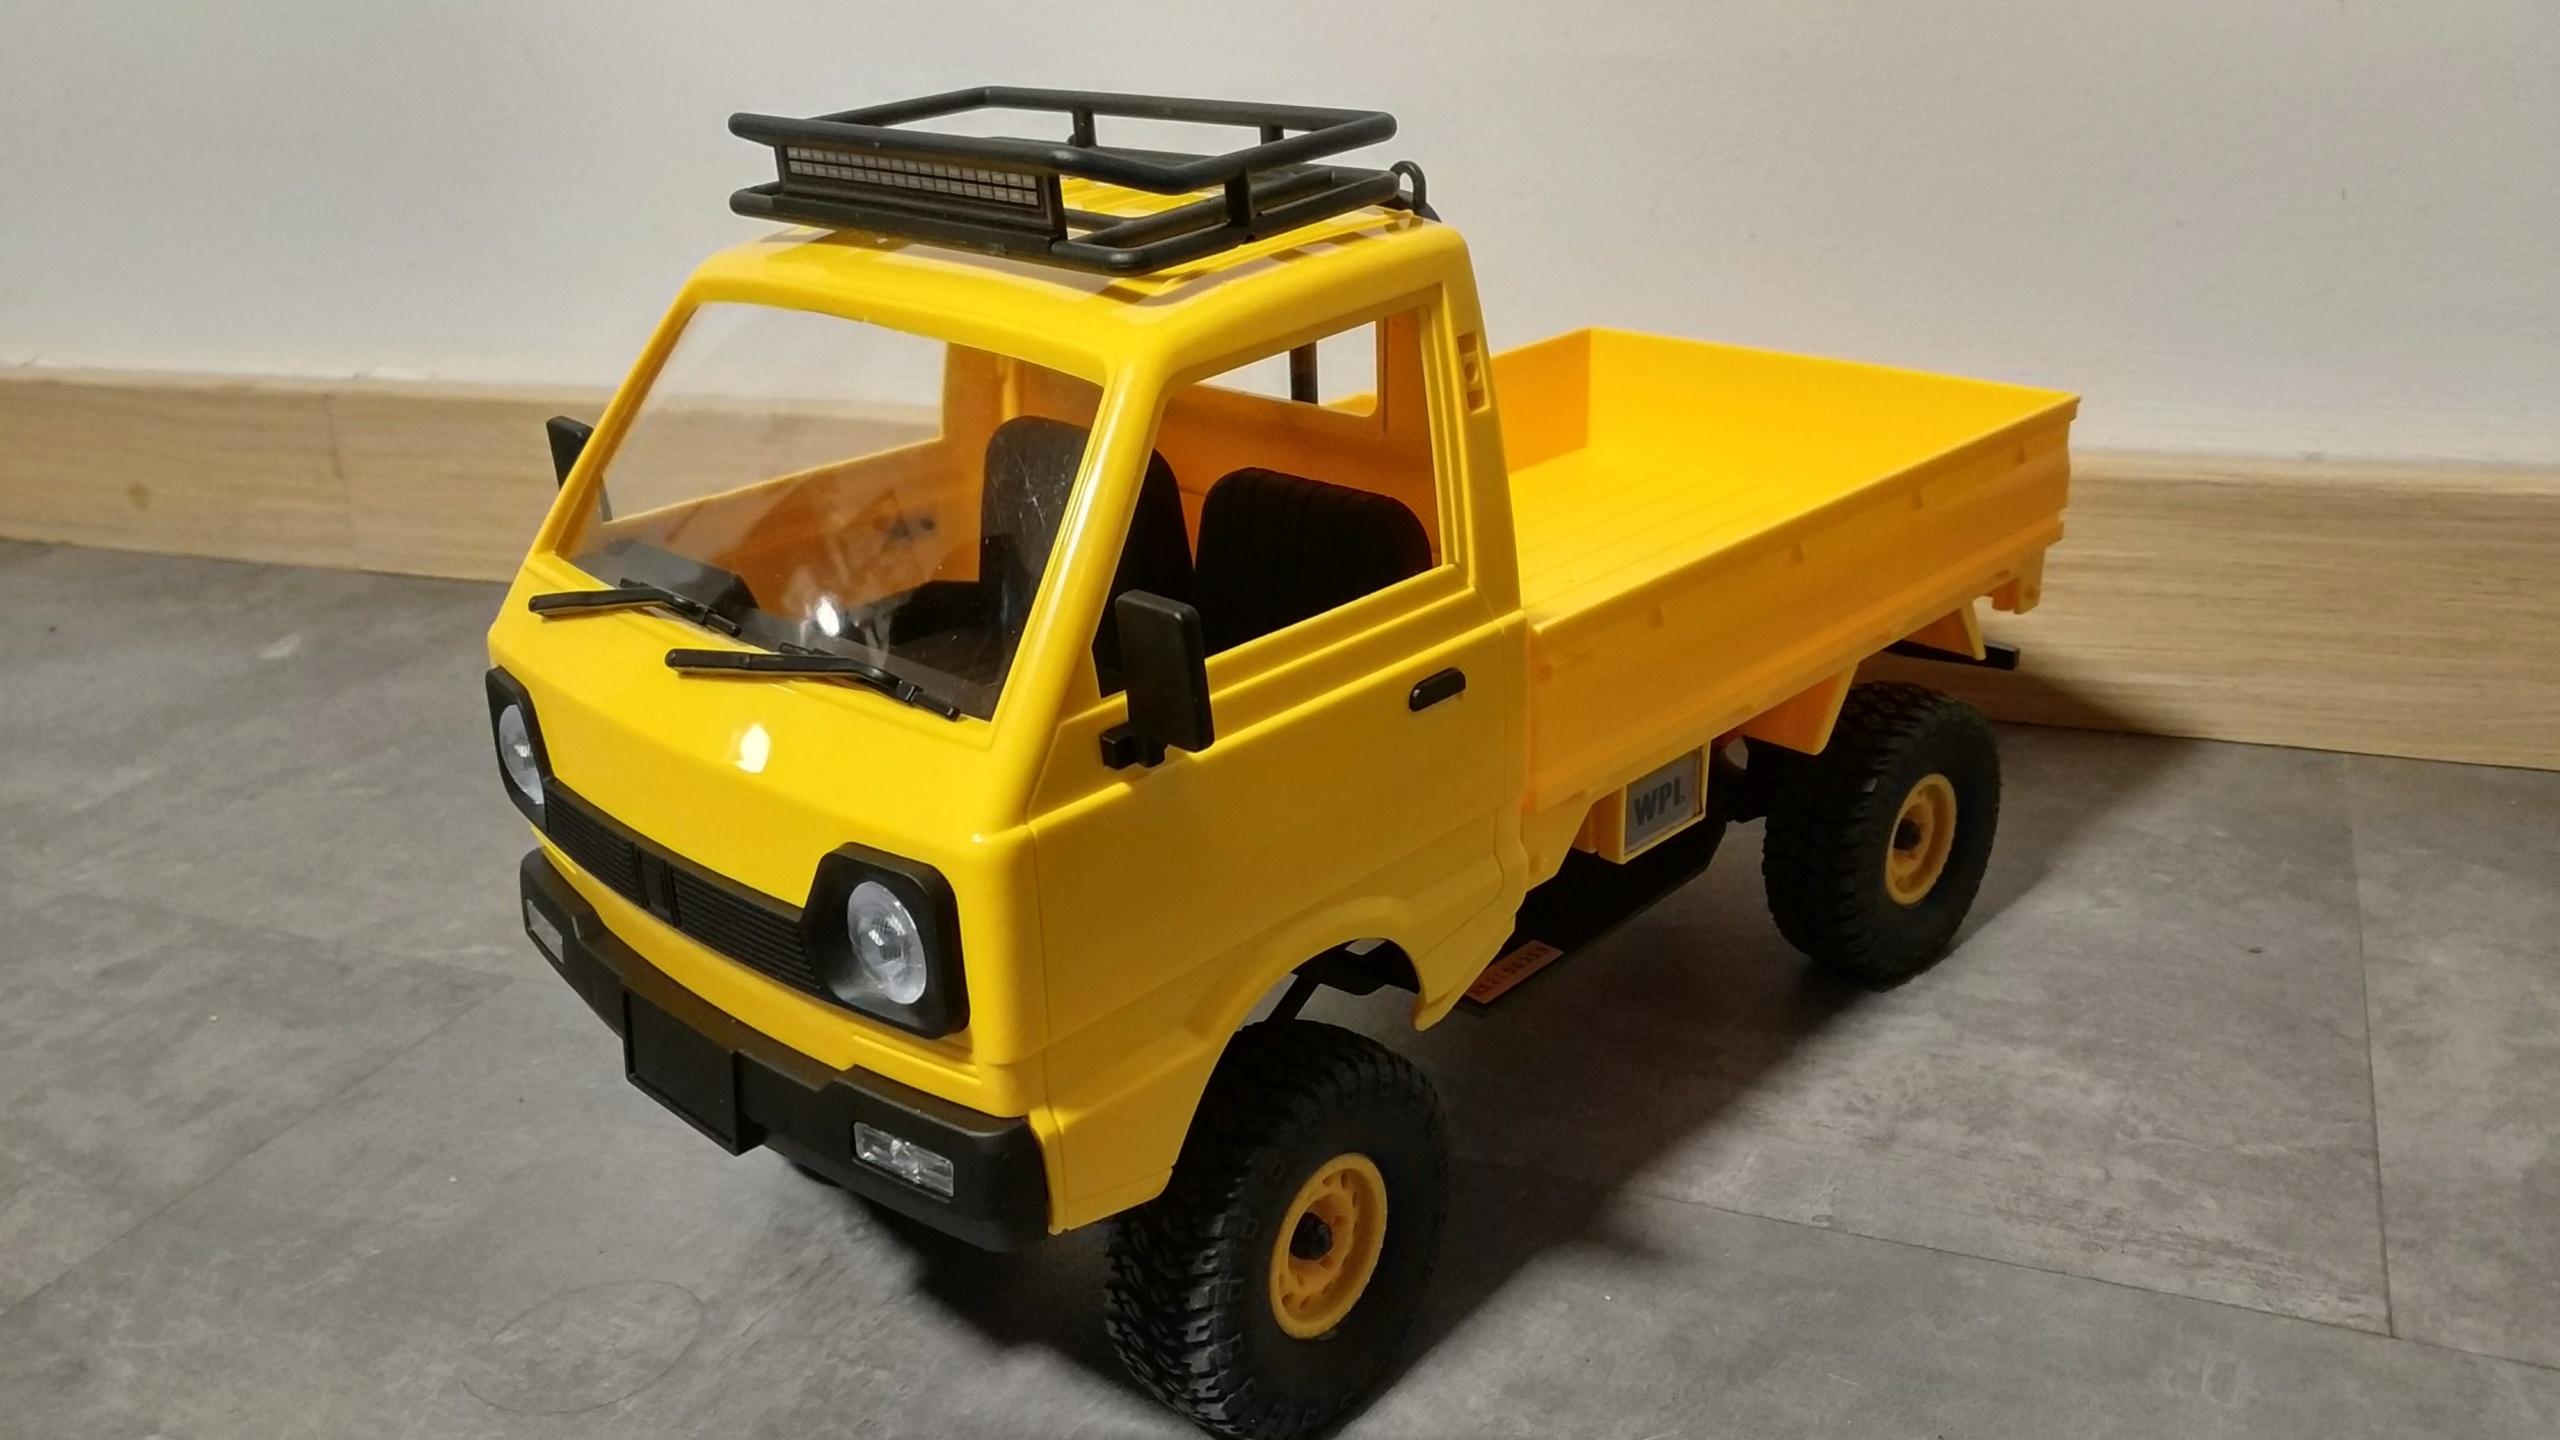 Un énorme camion de plus, le WPL D12 Suzuki Carry 1/10... - Page 3 Img_2855